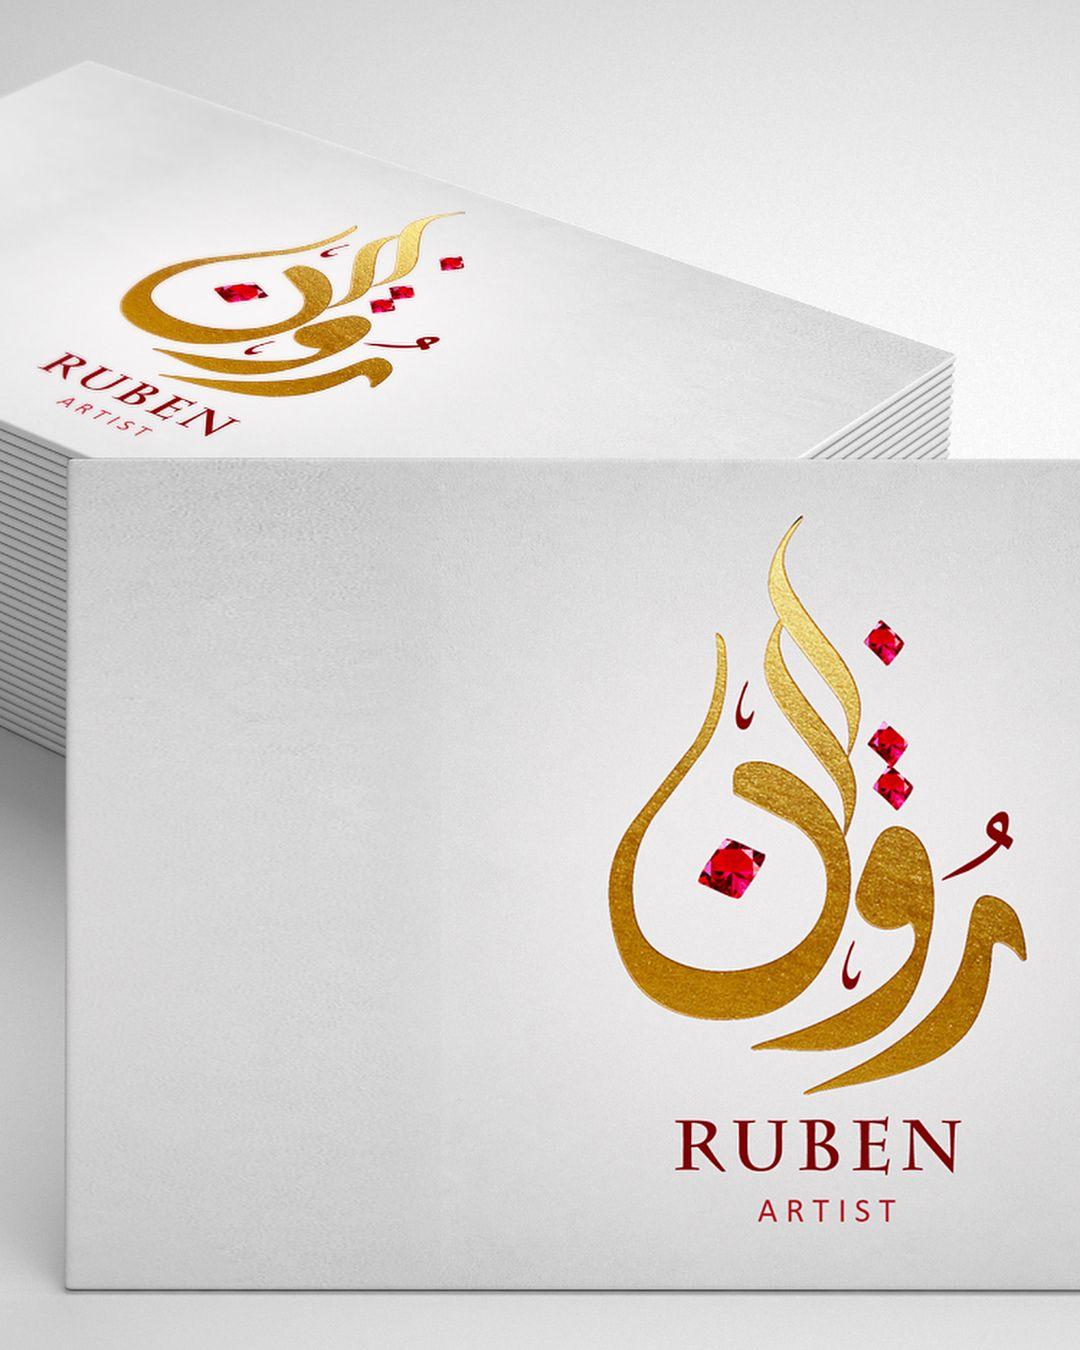 من أعمالنا شعار روبين الياقوت الأحمر فنون طباخات مطبخ طعام مطعم بزنس كارد كروت كرت بطاقات اعمال دعم المشاريع دعم المصمم Artist Cards Rubens